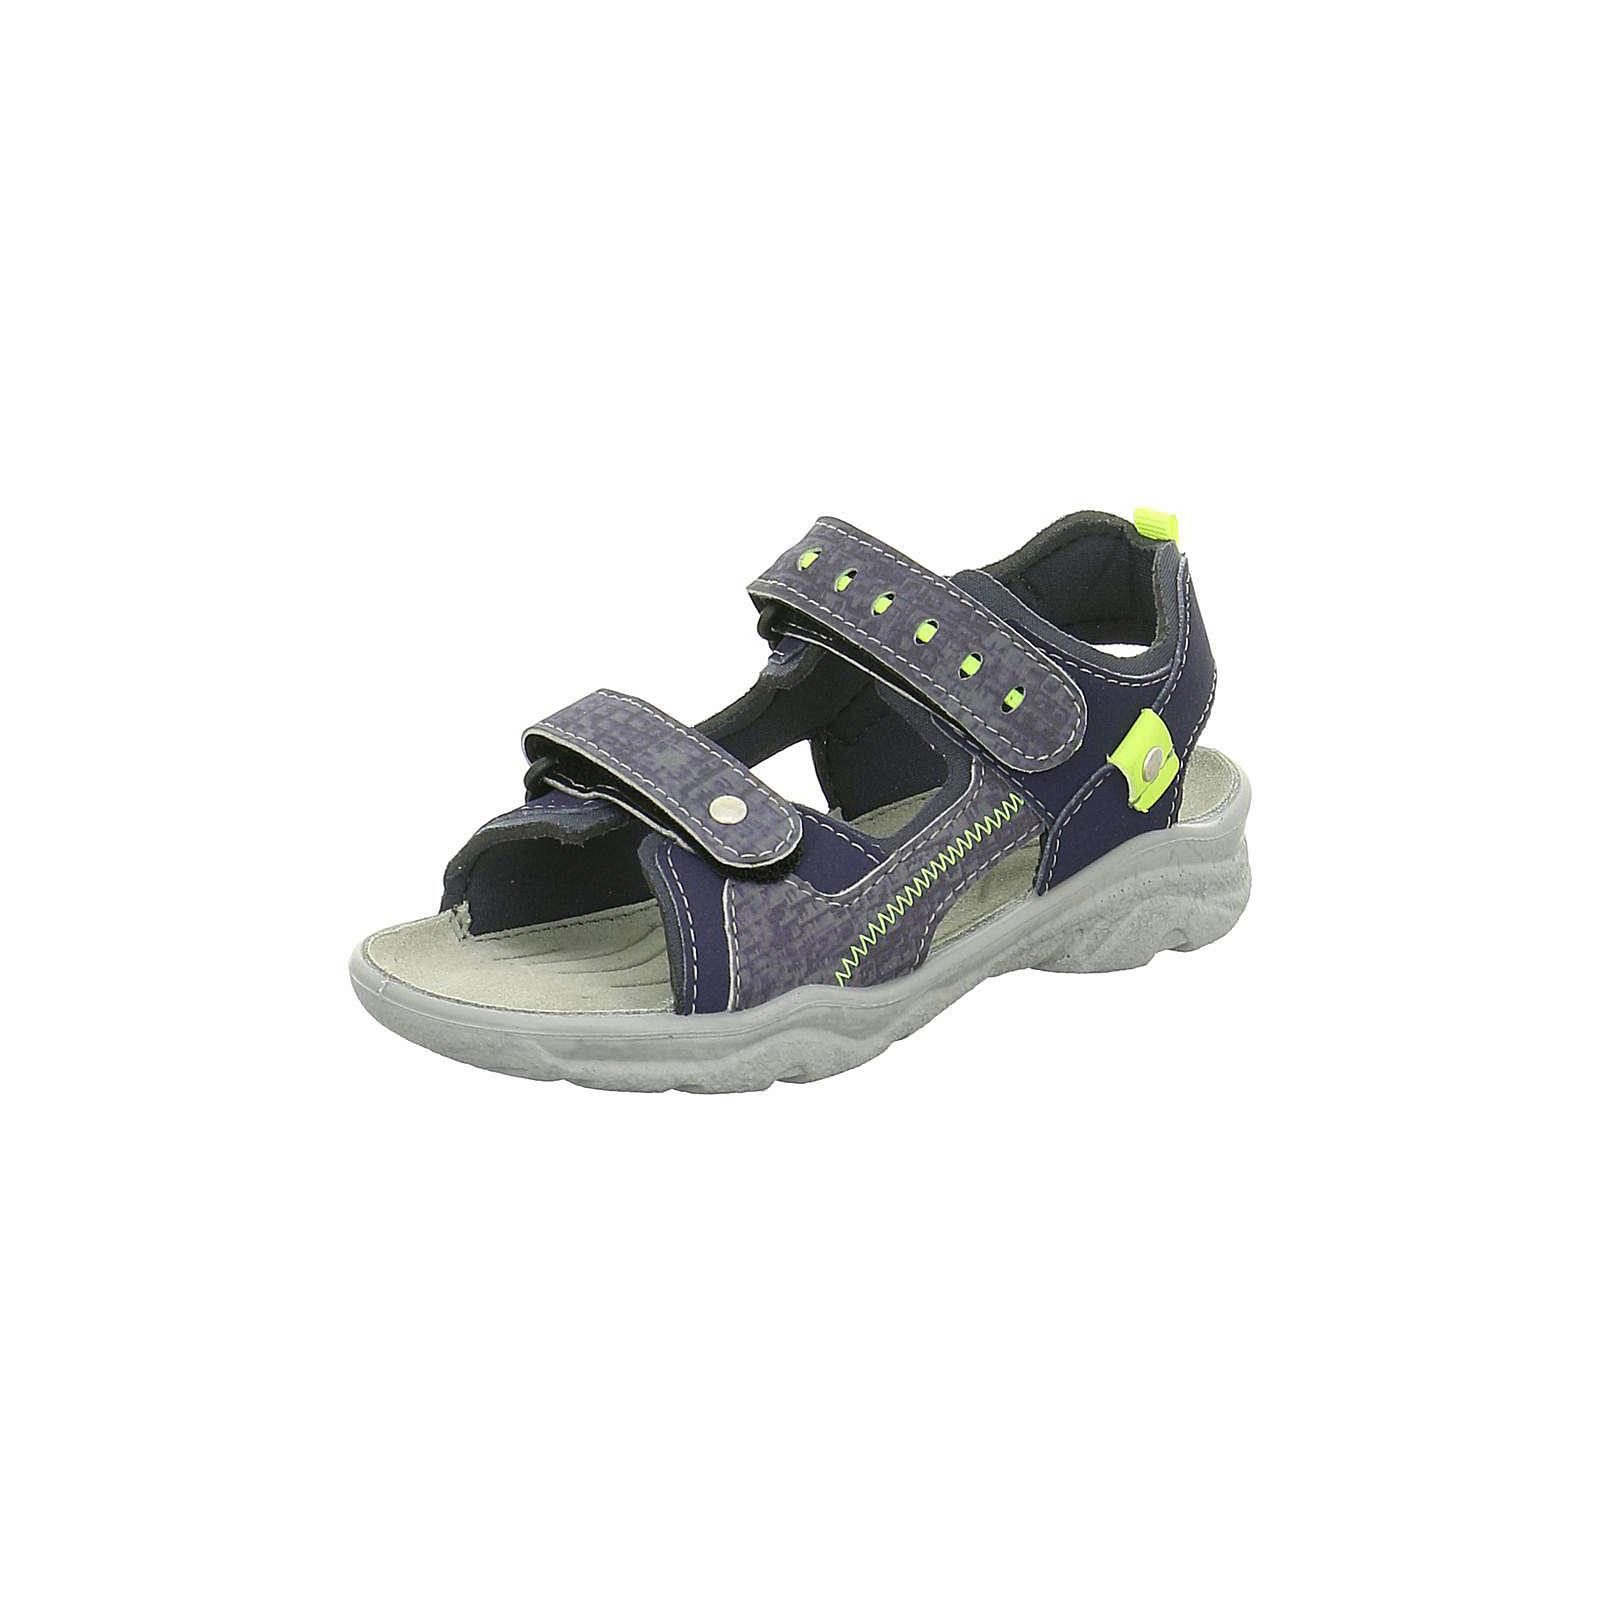 RICOSTA Sandalen für Jungen lila Junge Gr. 32